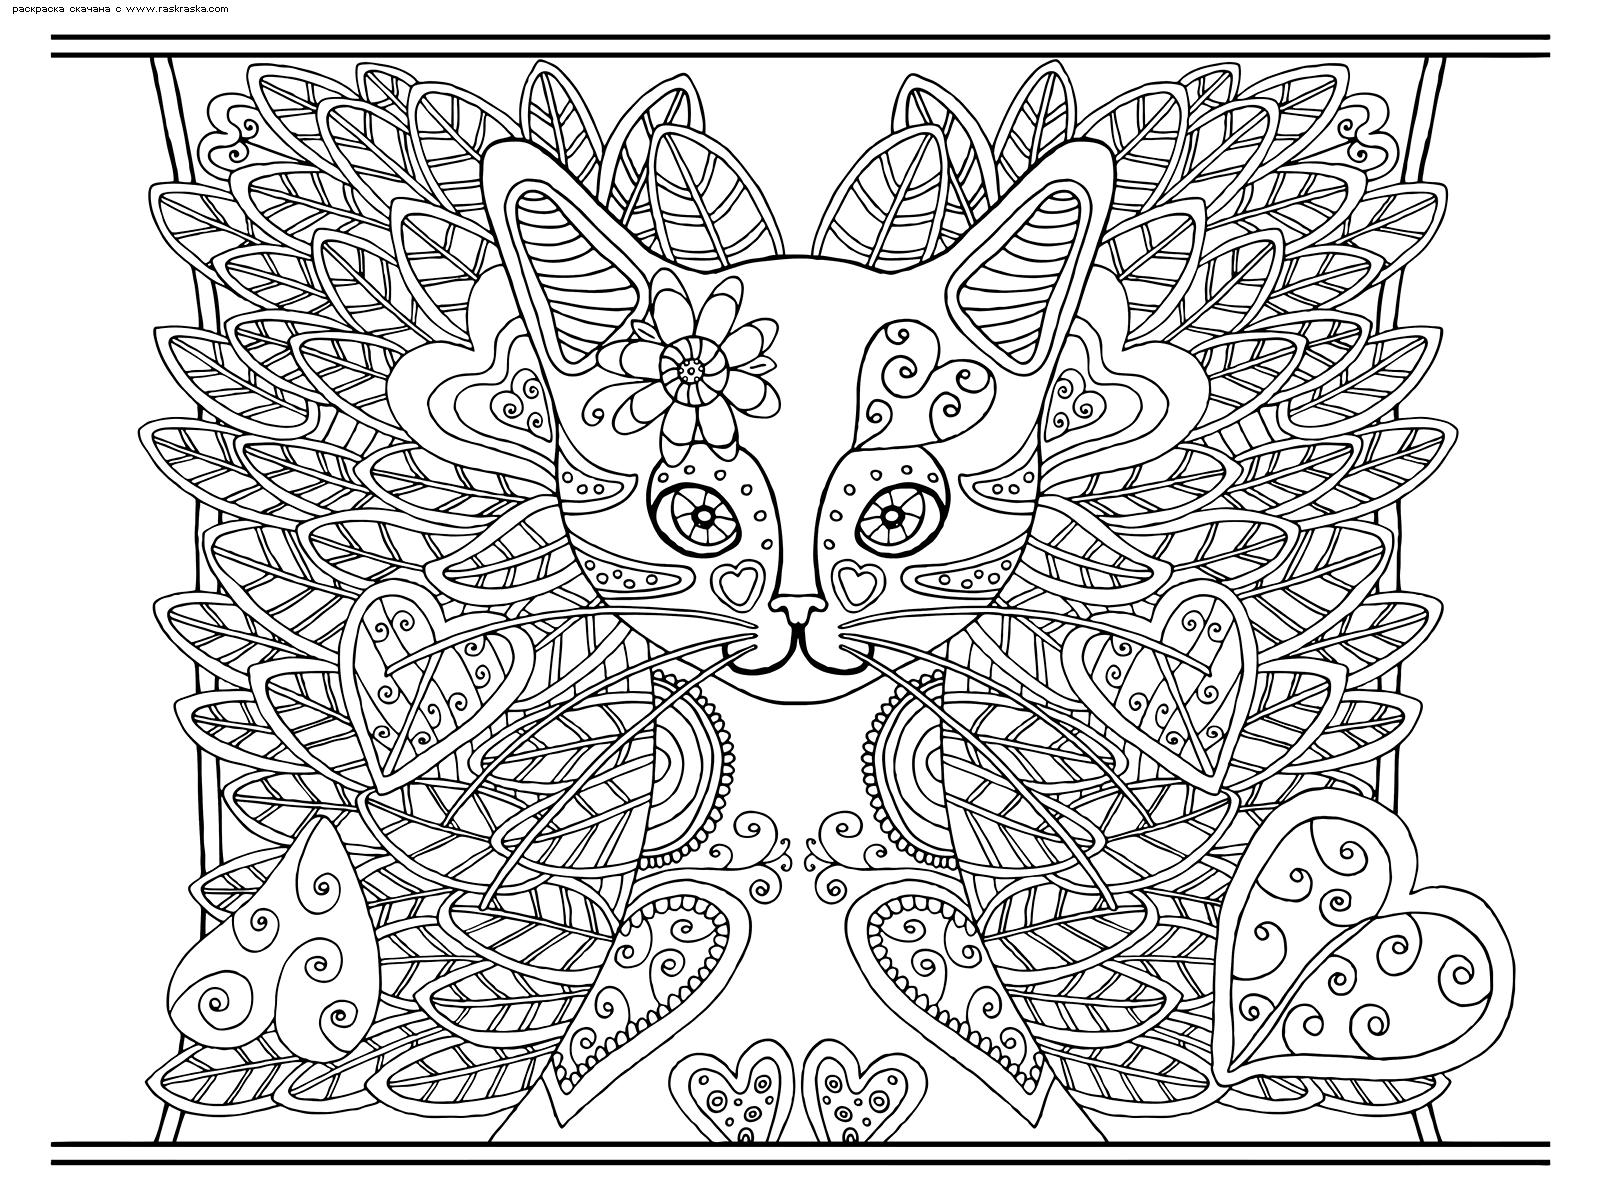 Раскраска Кошка. Раскраска кошка, антистресс